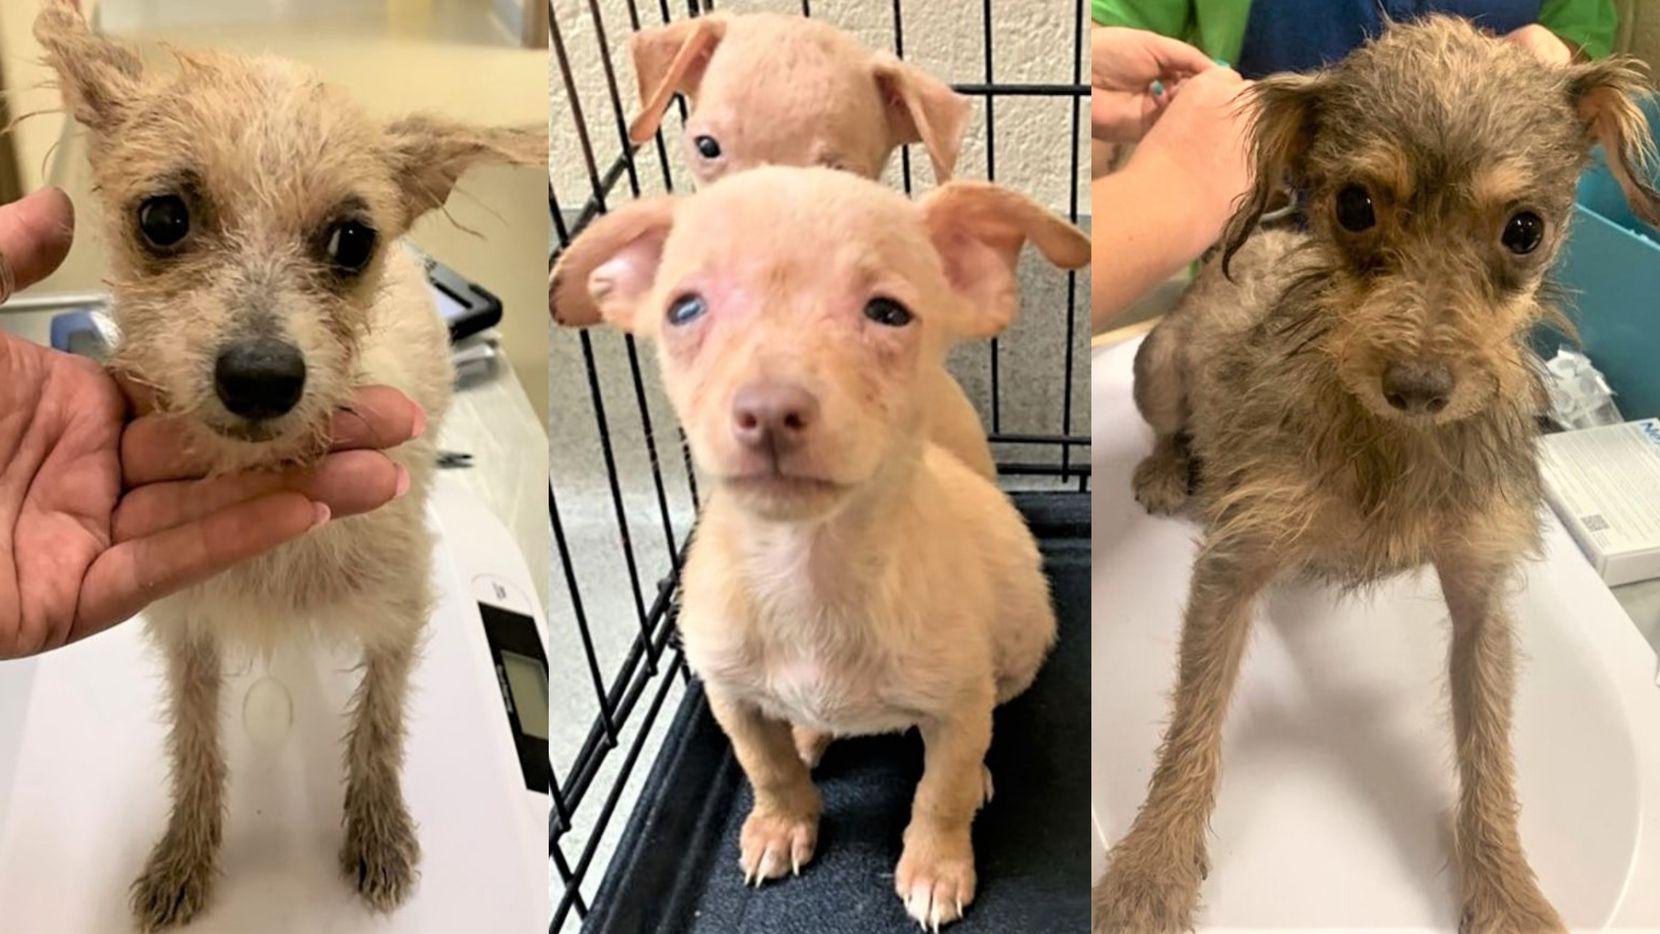 Más de 100 perros fueron rescatados de un hogar de Mesquite. Los perros fueron distribuidos entre varios refugios de rescate animal a lo largo del Norte de Texas.